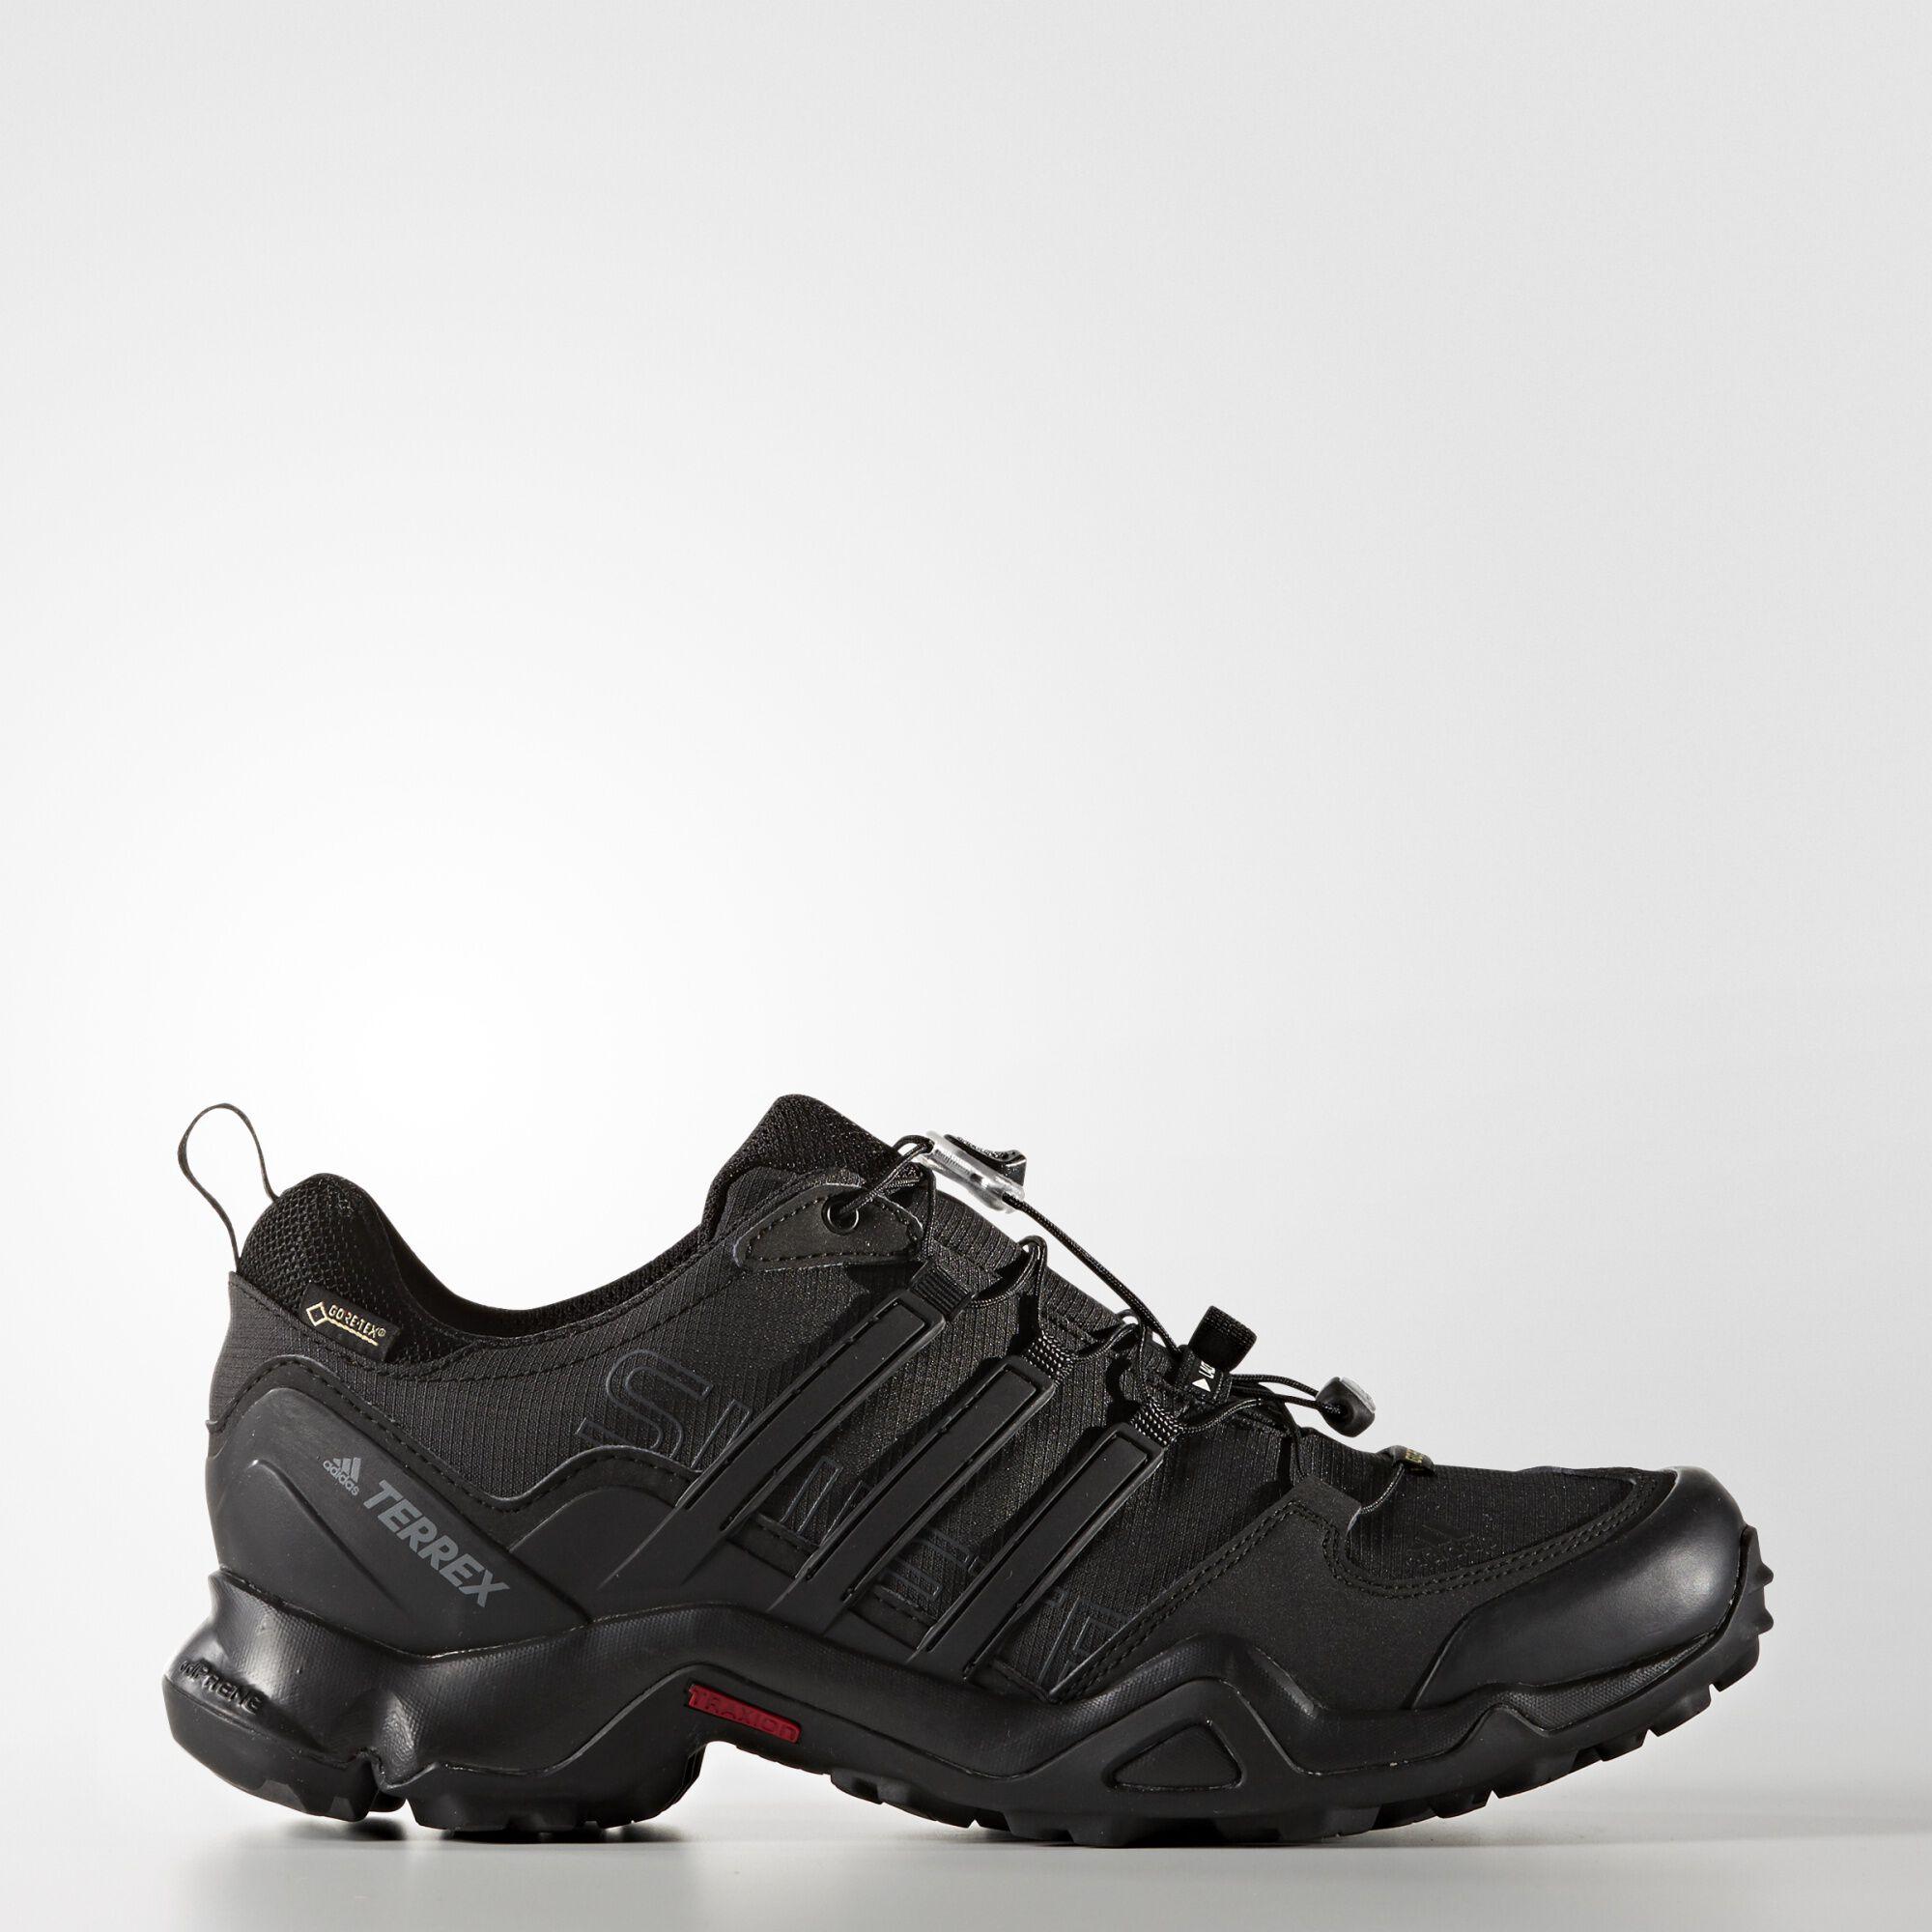 bfde07706 adidas terrex swift gtx BB4624 01 standard